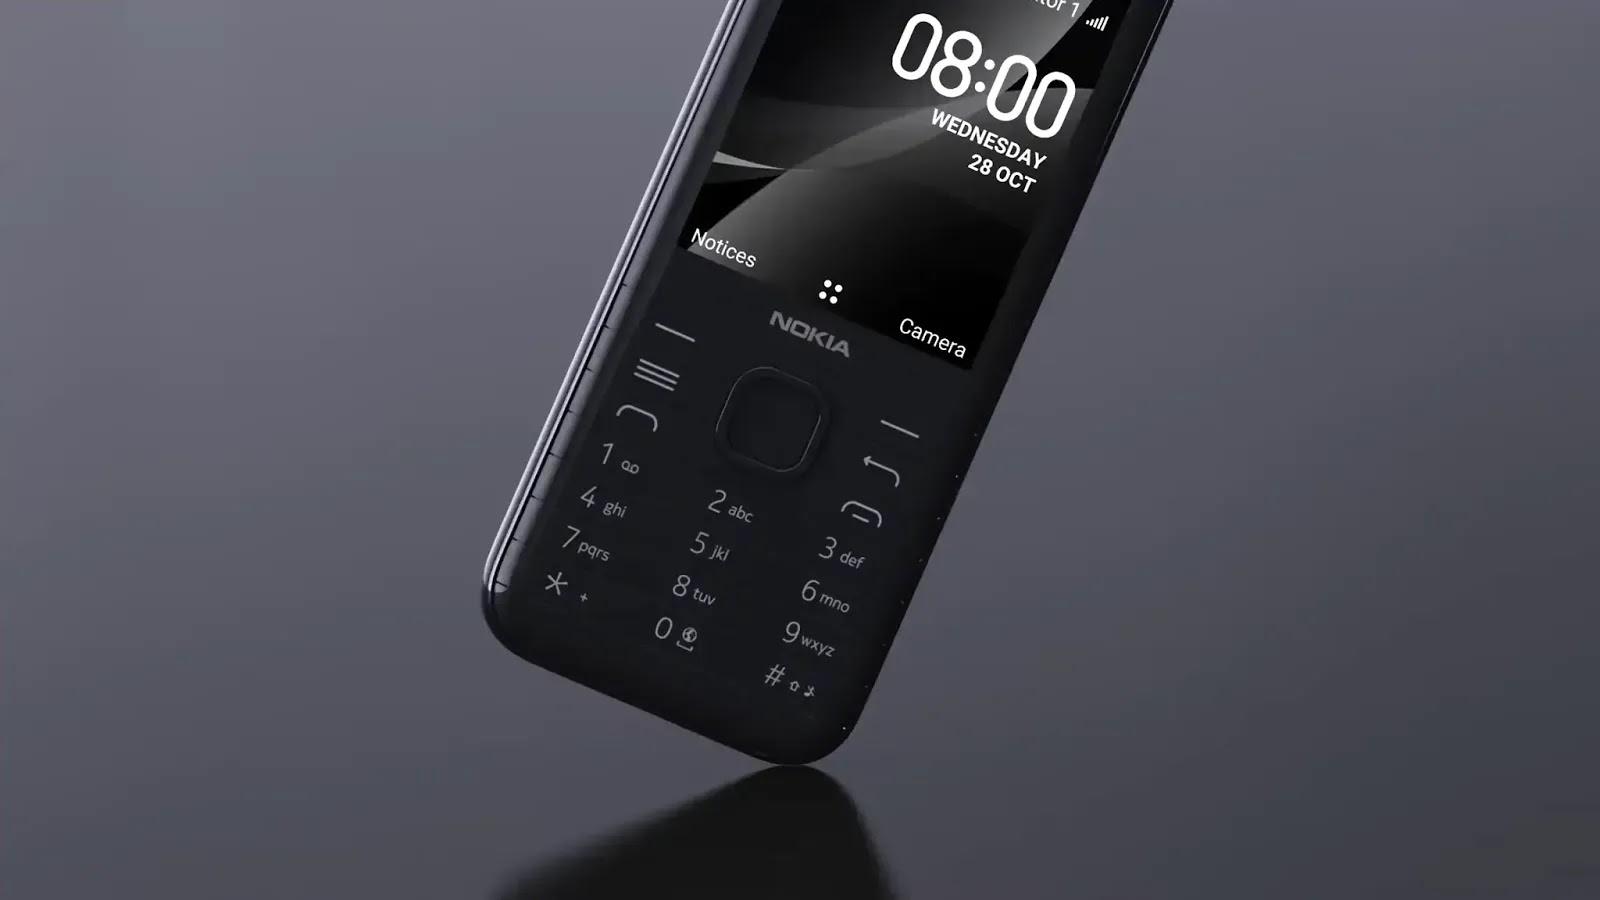 nokia-6300-4g-8000-4g-ponsel-fitur-diluncurkan-dengan-google-assistant-dan-whatsapp